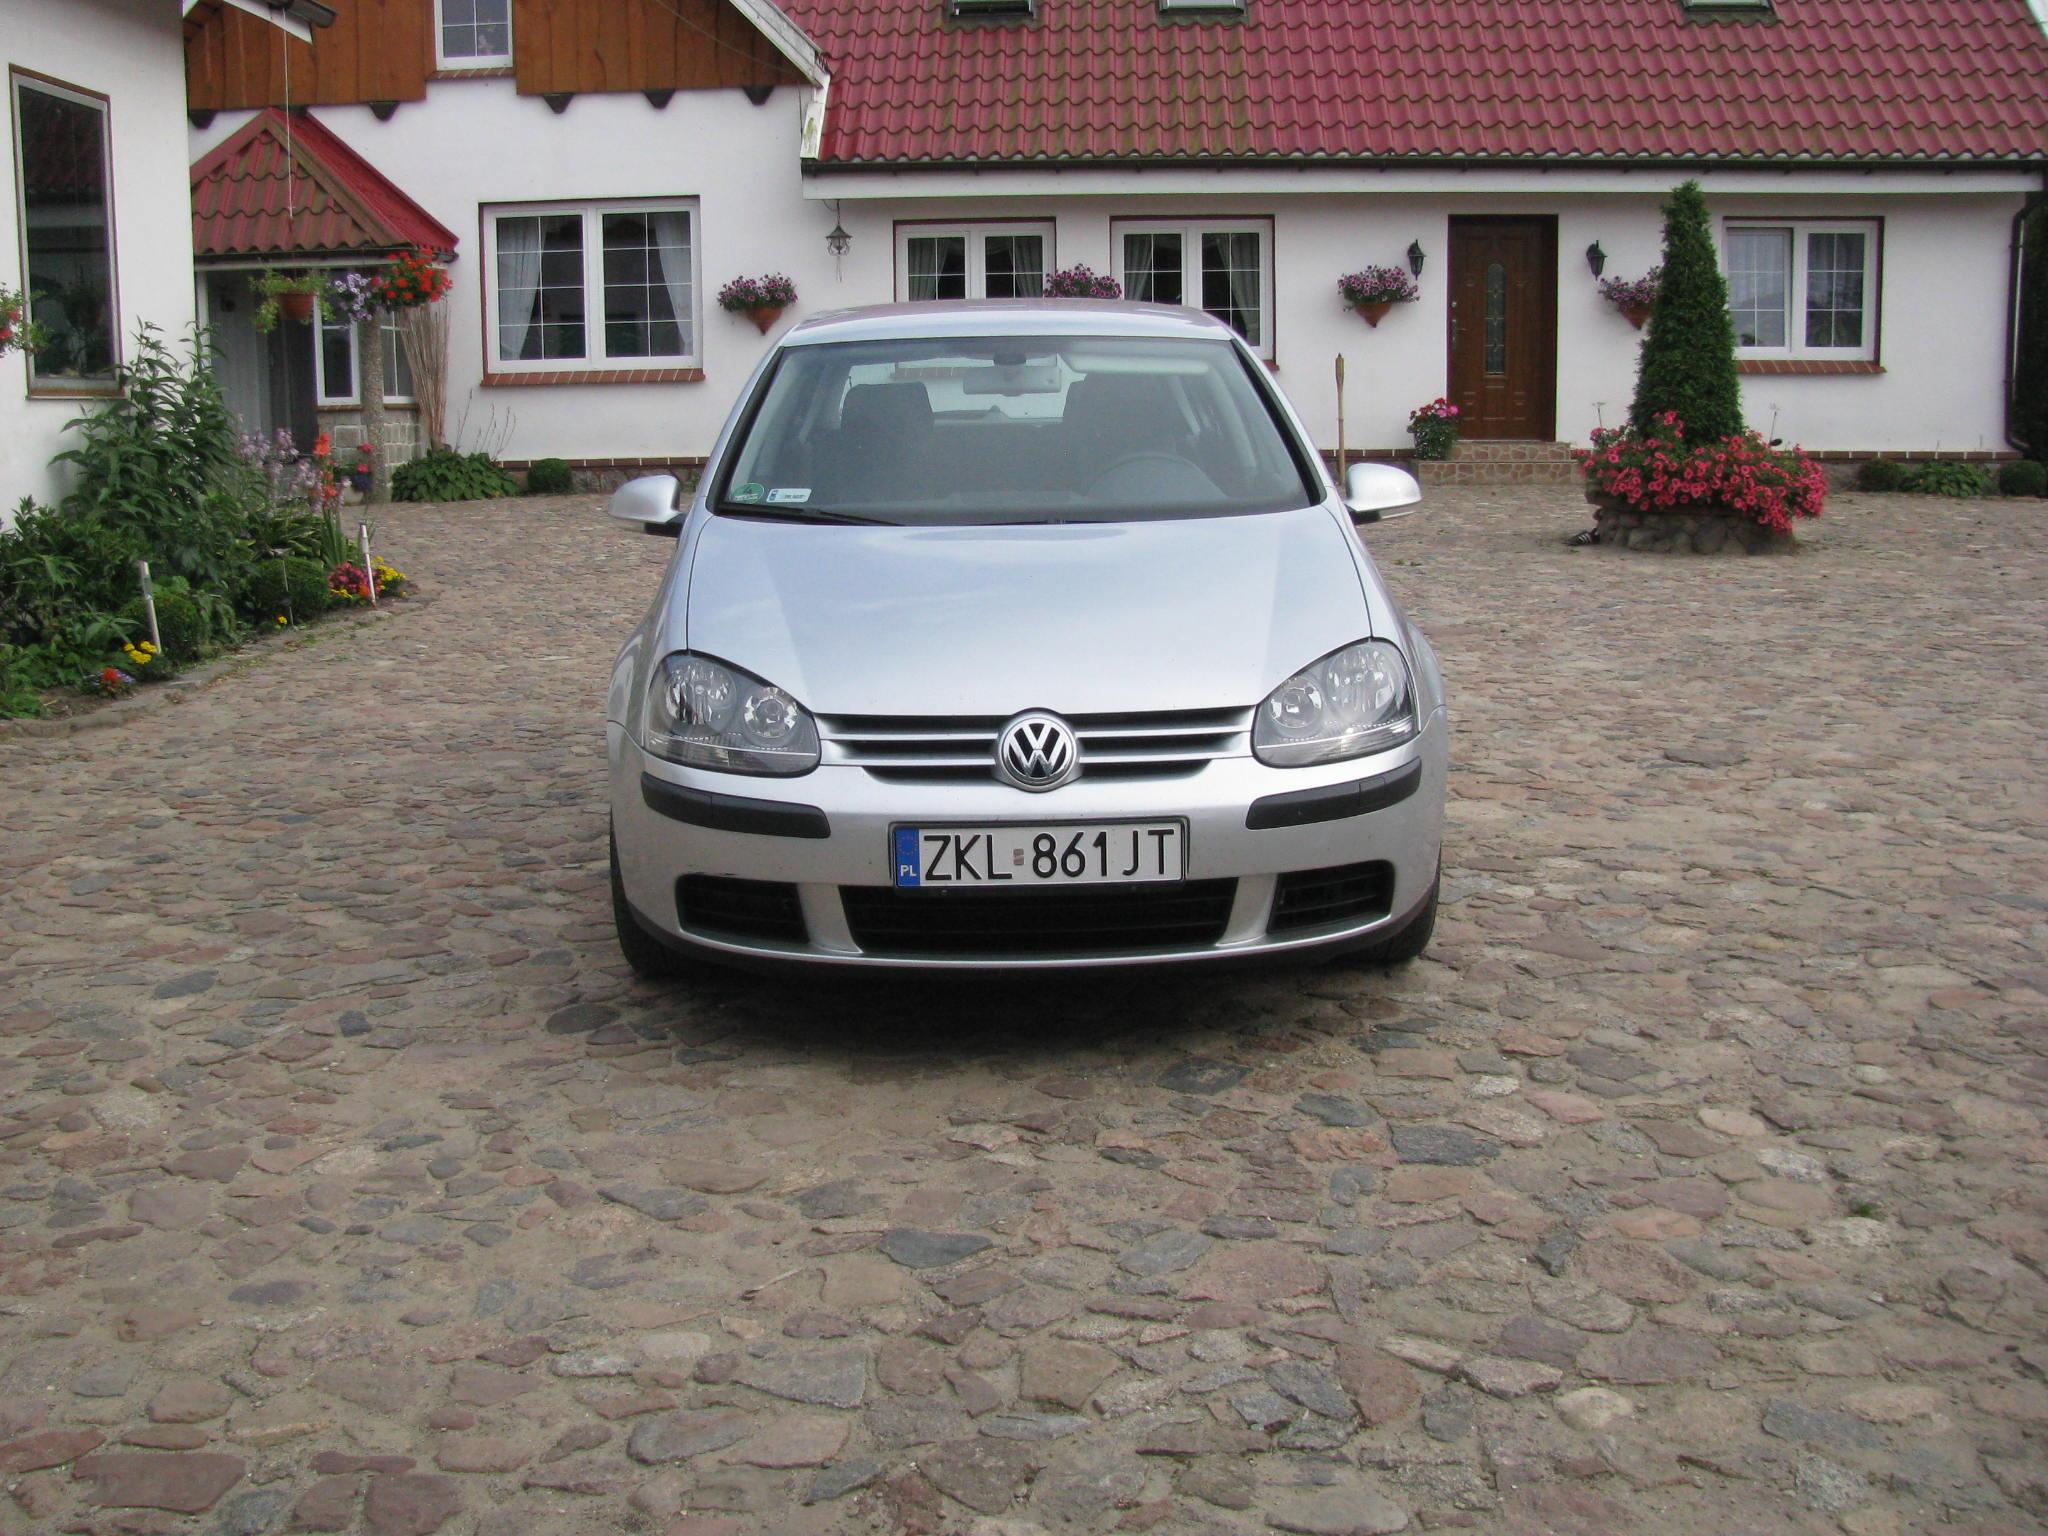 VW GolfV 2003r - przeka�nik wycieraczek.